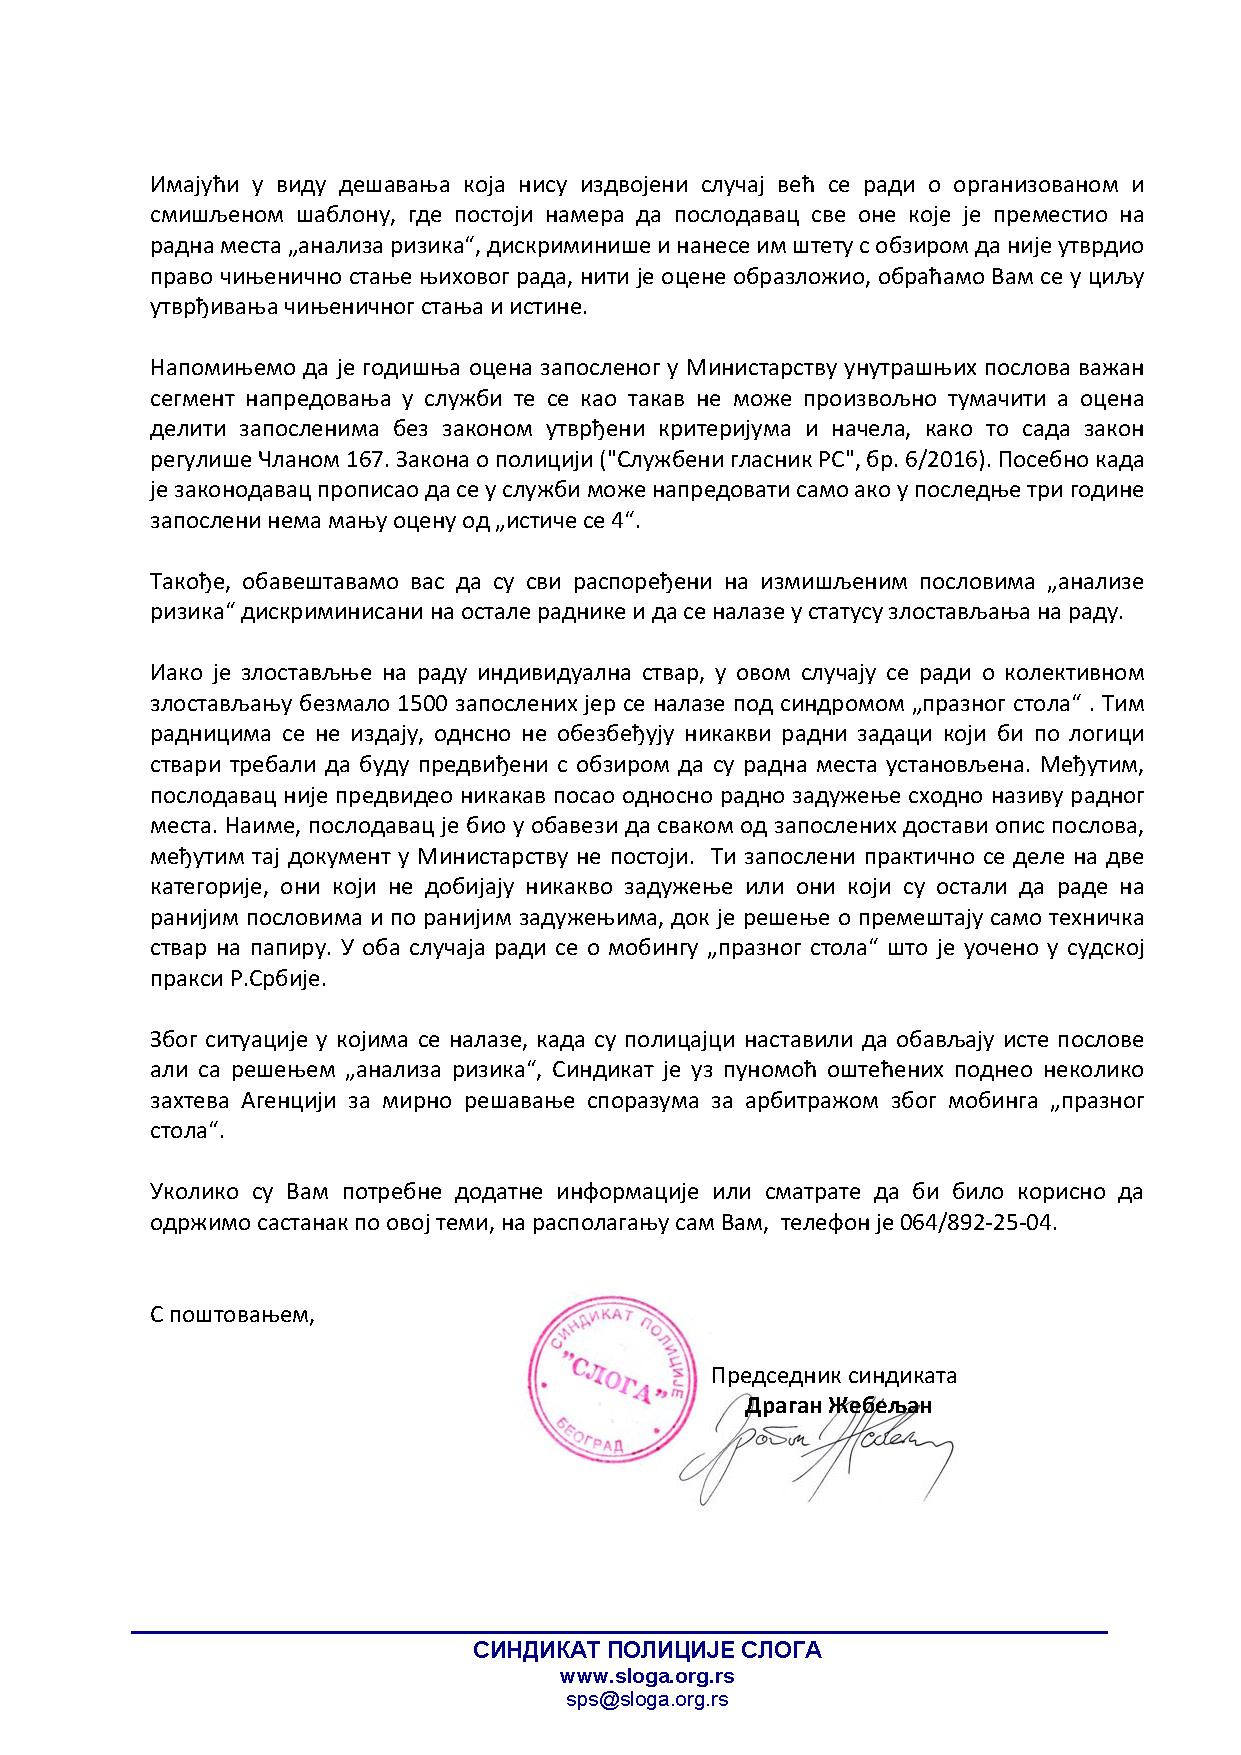 2016-03-03 Milošu Jankoviću_Page_02